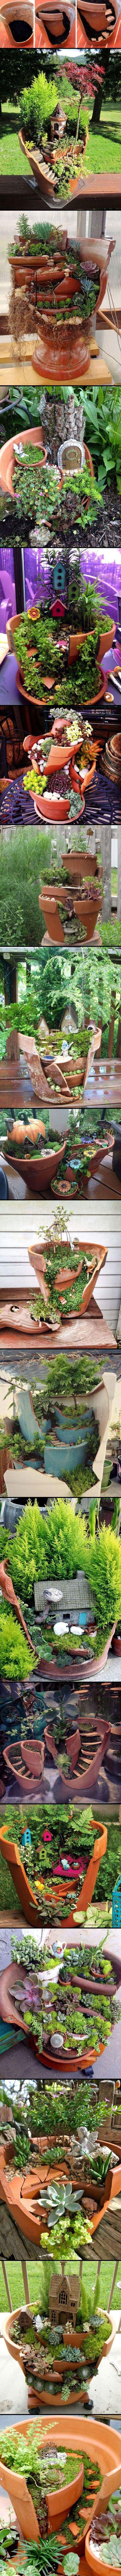 Diese Deko ist einfach wunderschön. Man kann echte Hobbit-Landschaften erschaffen oder kleine Gärten für Feen.: #potteryideas